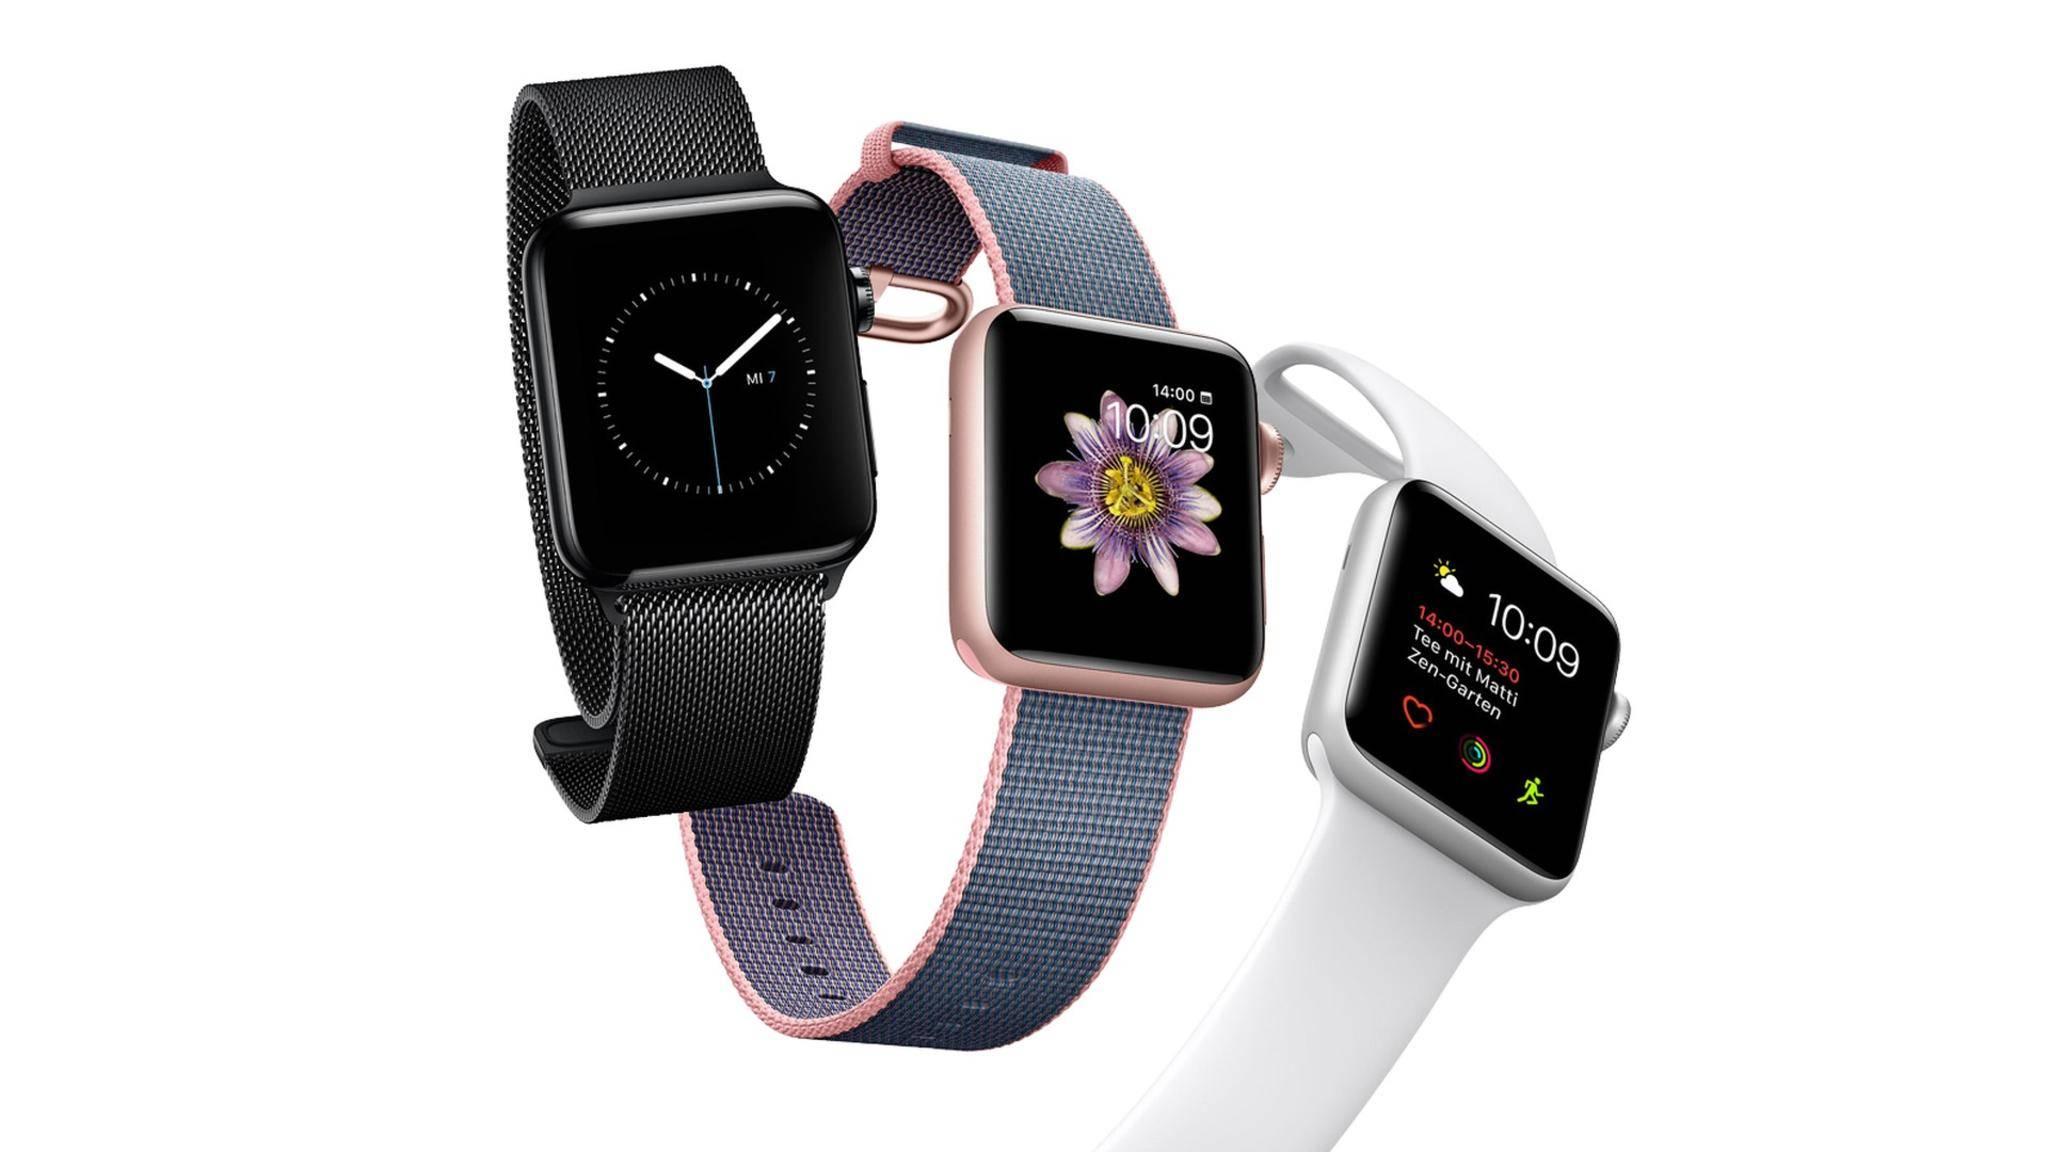 Die Apple Watch könnte bald zum hilfreichen Begleiter für Diabetiker werden.